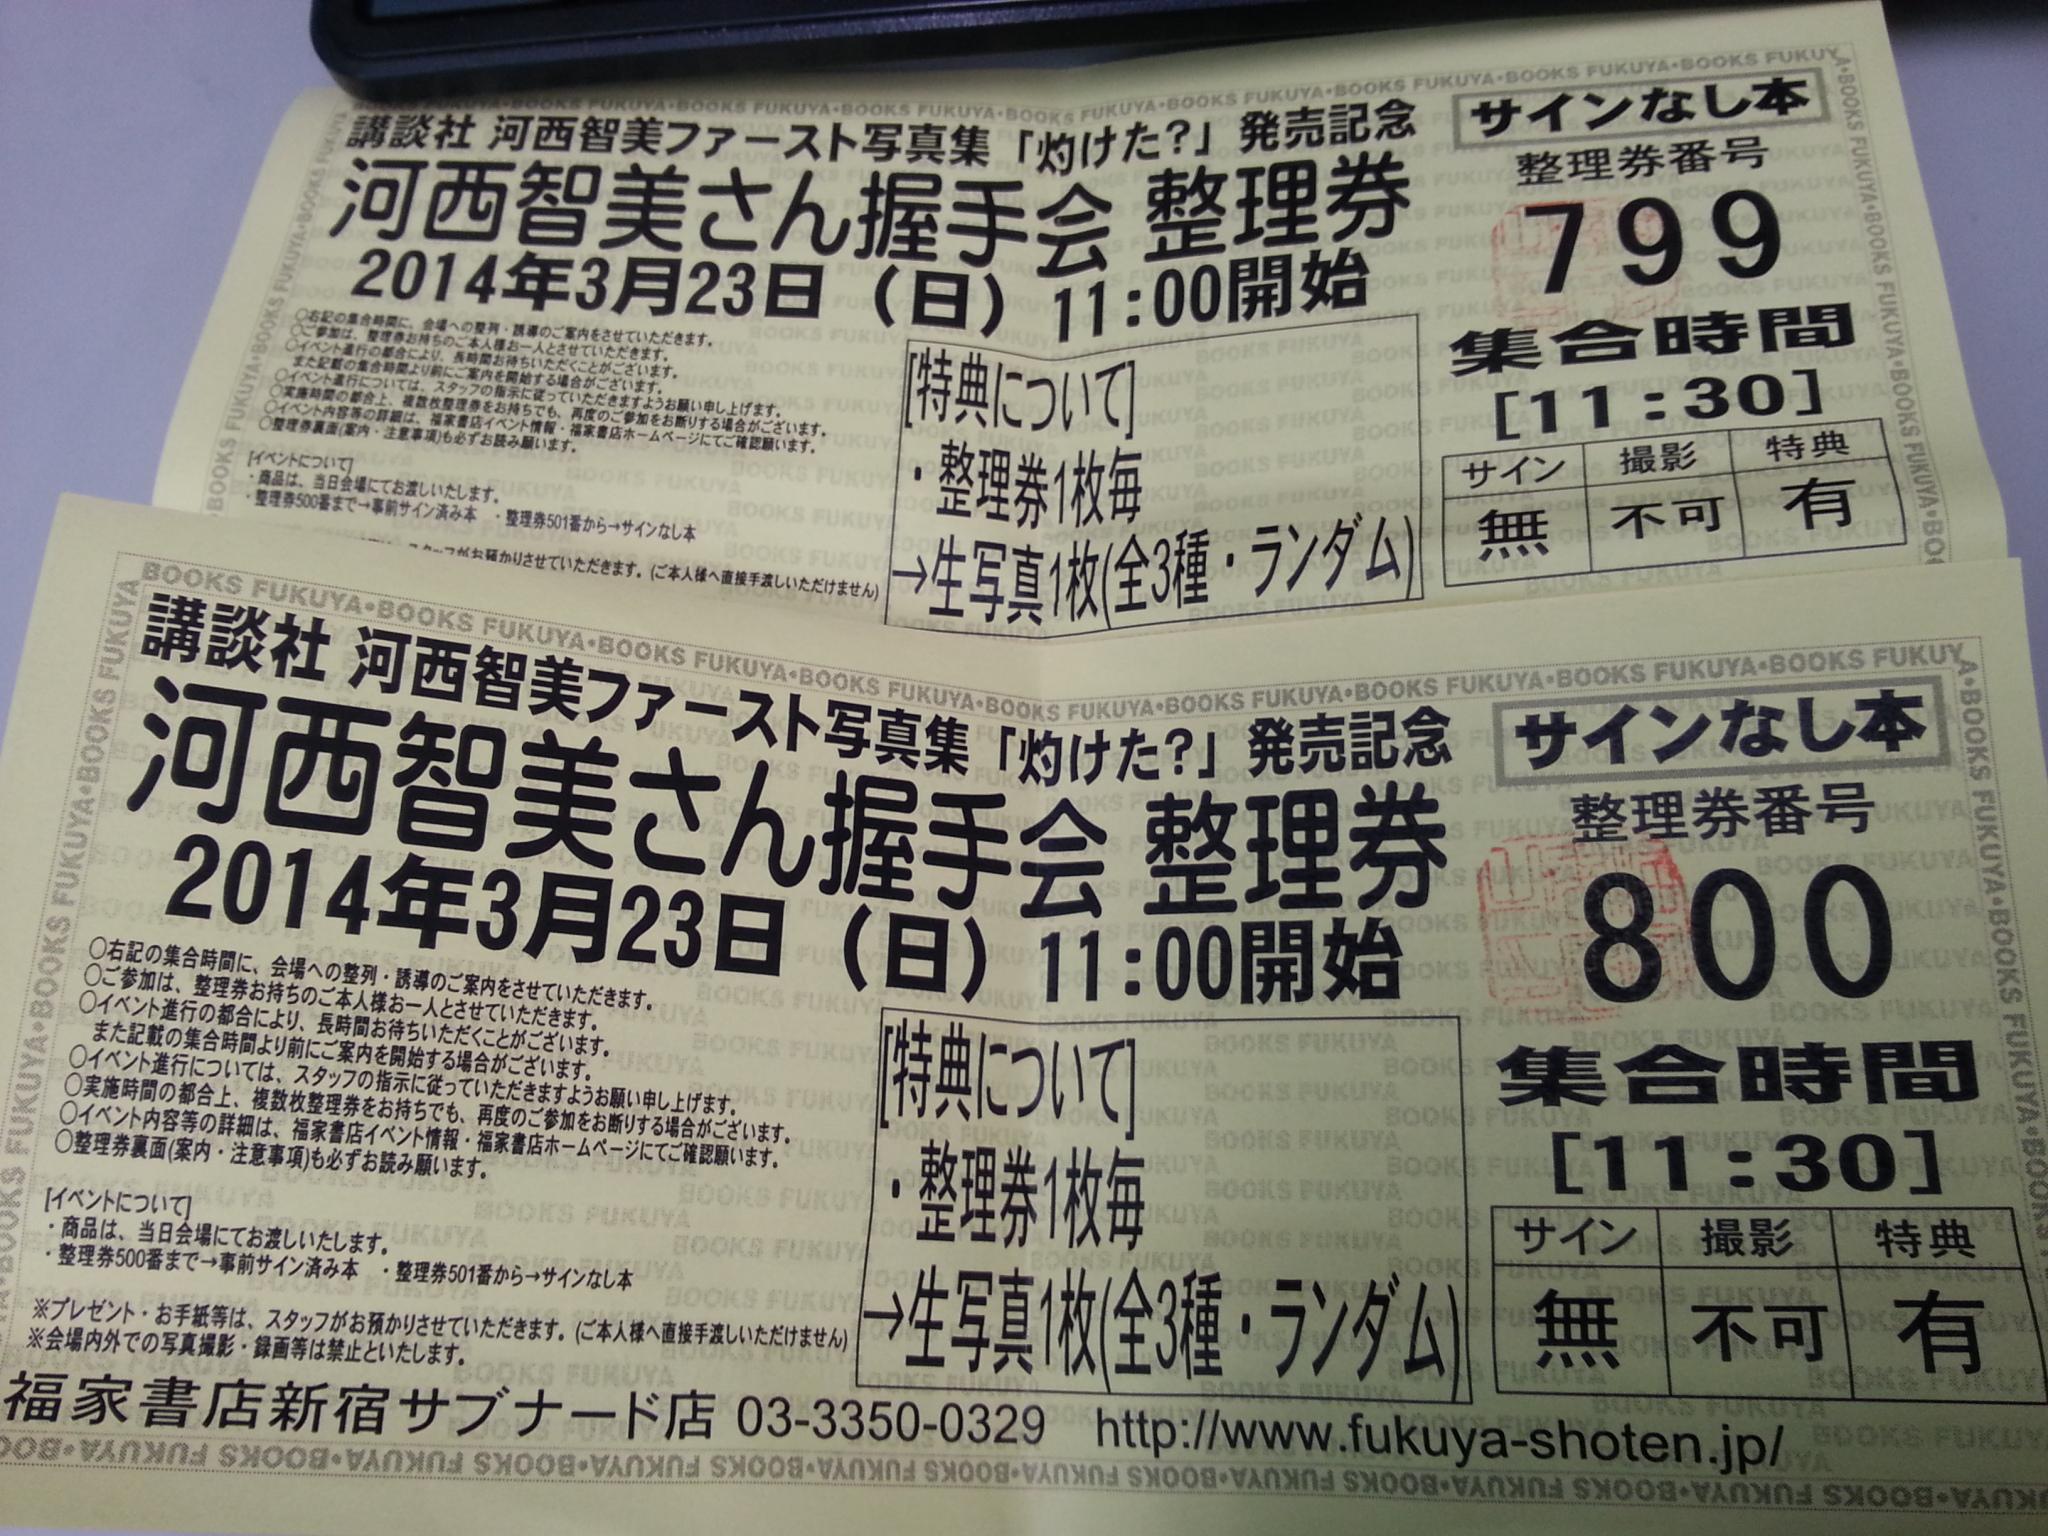 【河西智美】ファースト写真集「灼けた?」記念握手会の整理券を買いに行きました!